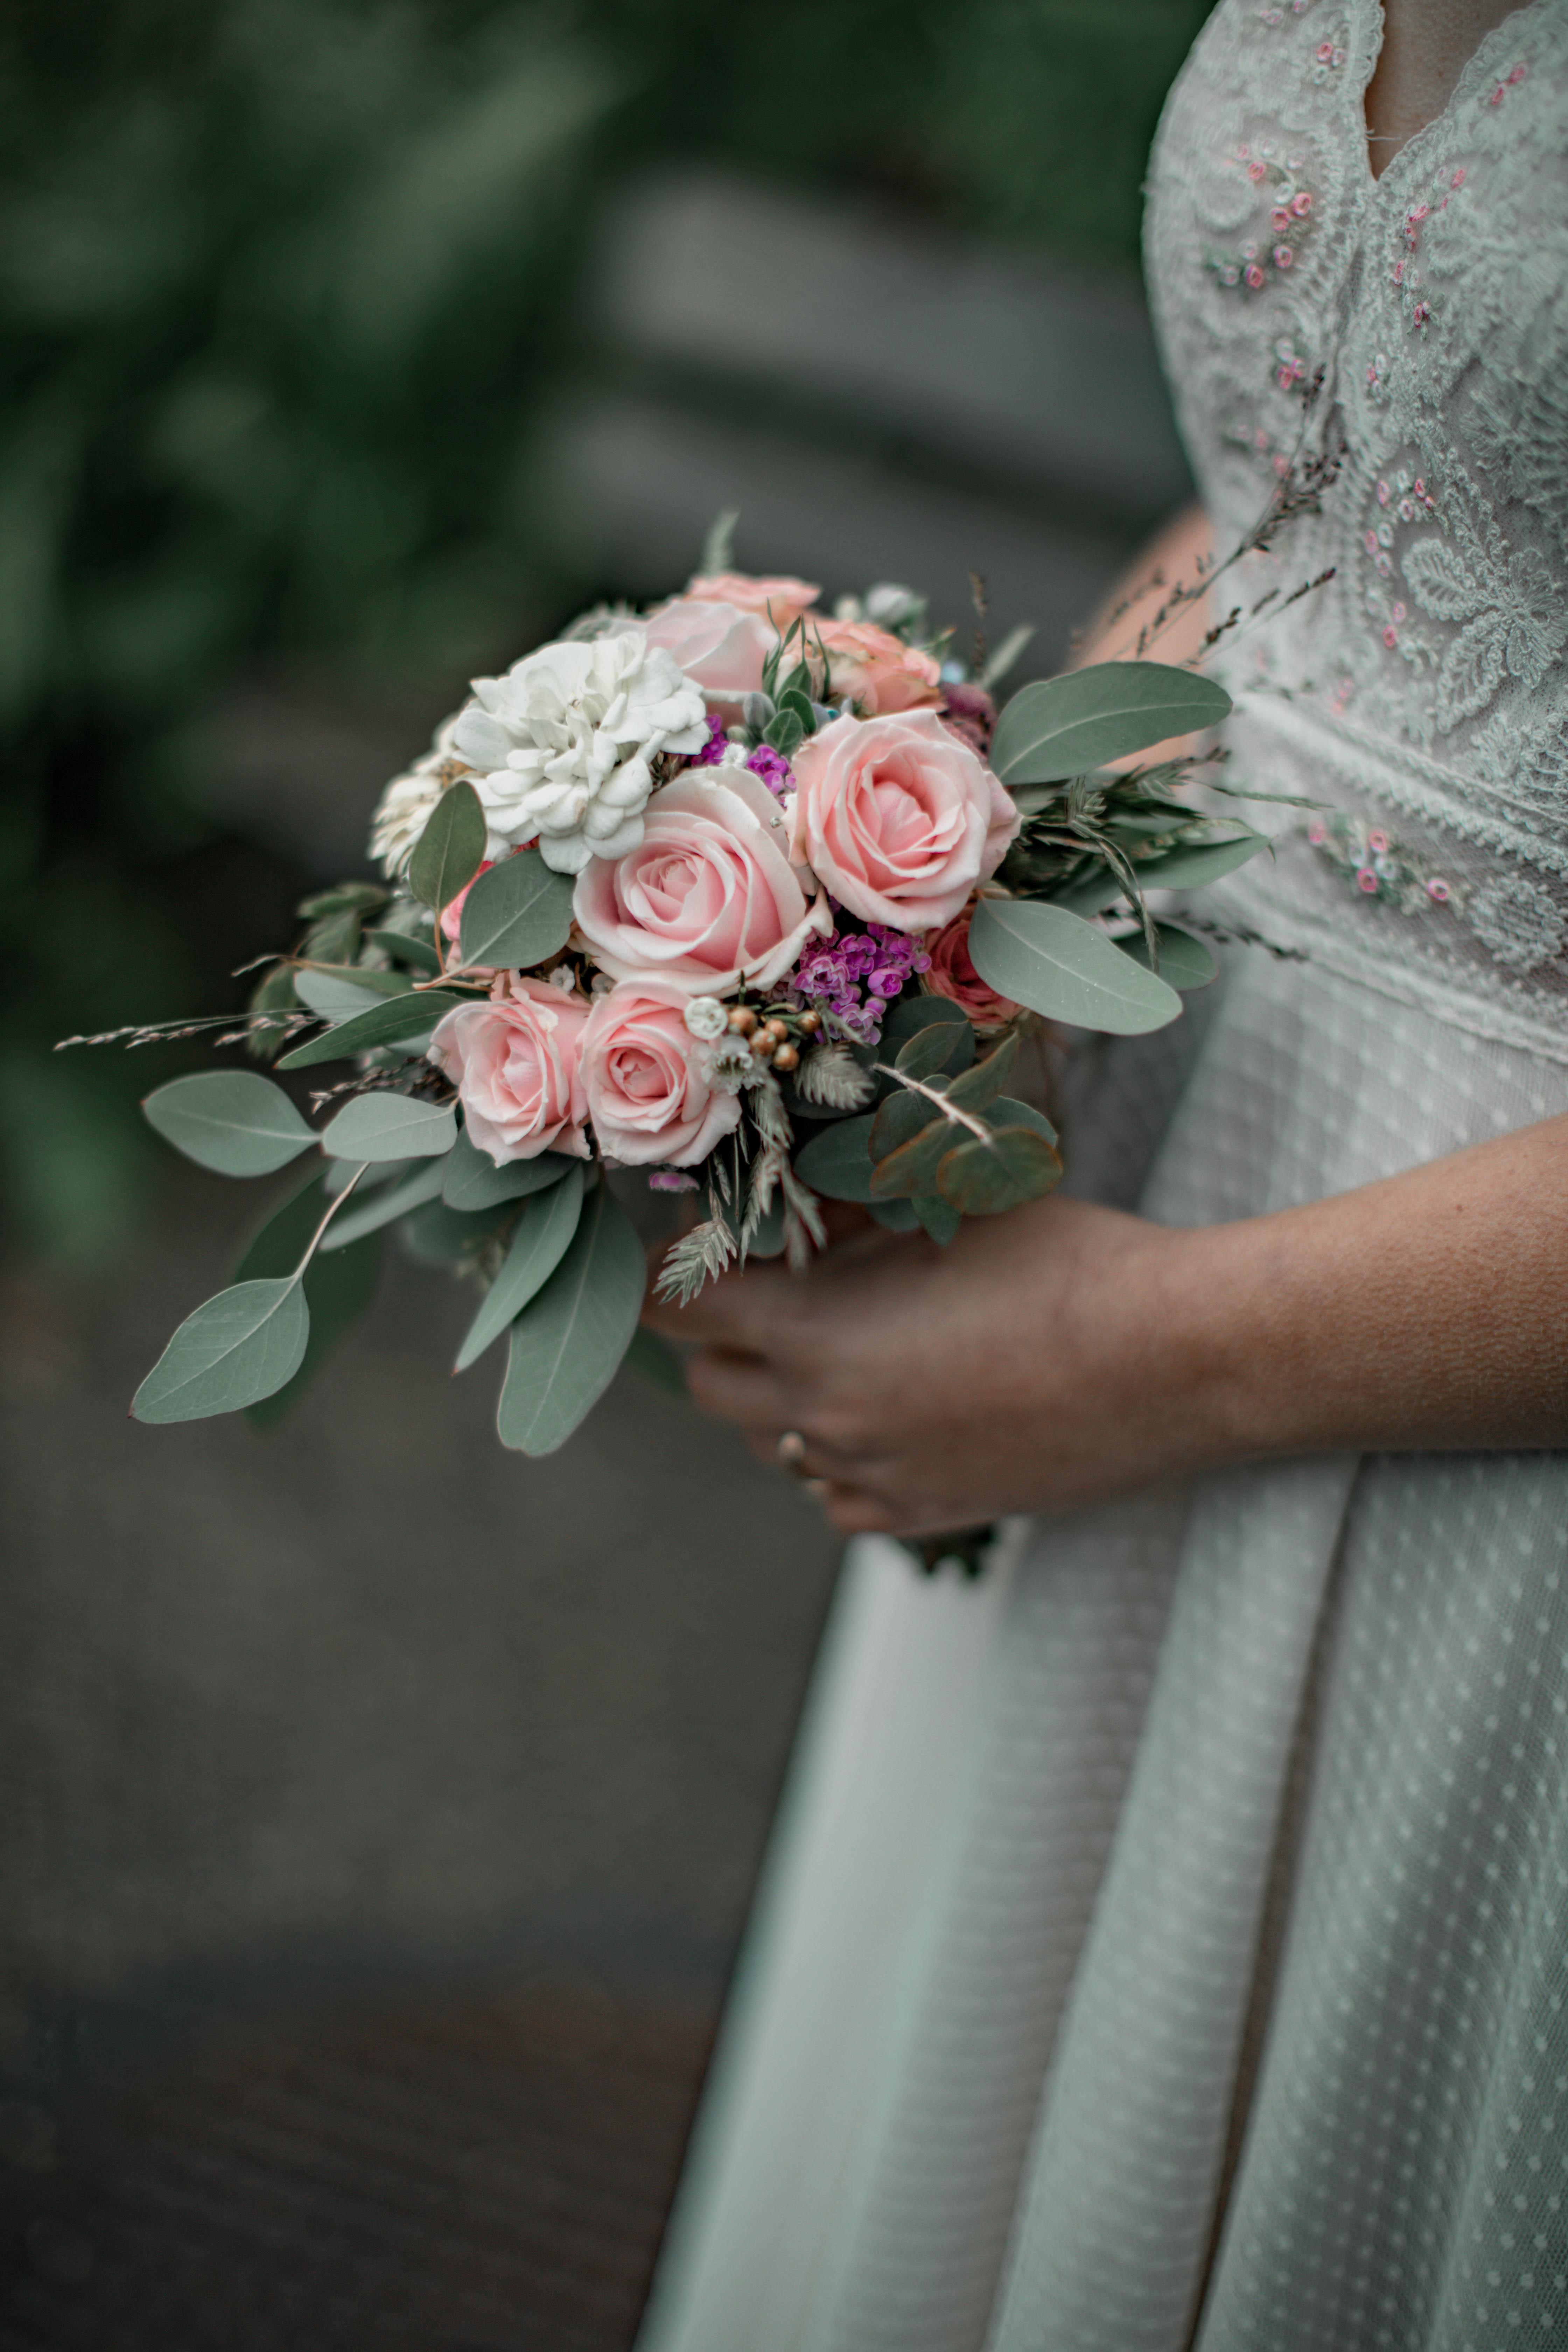 121550 скачать обои Свадьба, Цветы, Букет, Платье, Наряд - заставки и картинки бесплатно